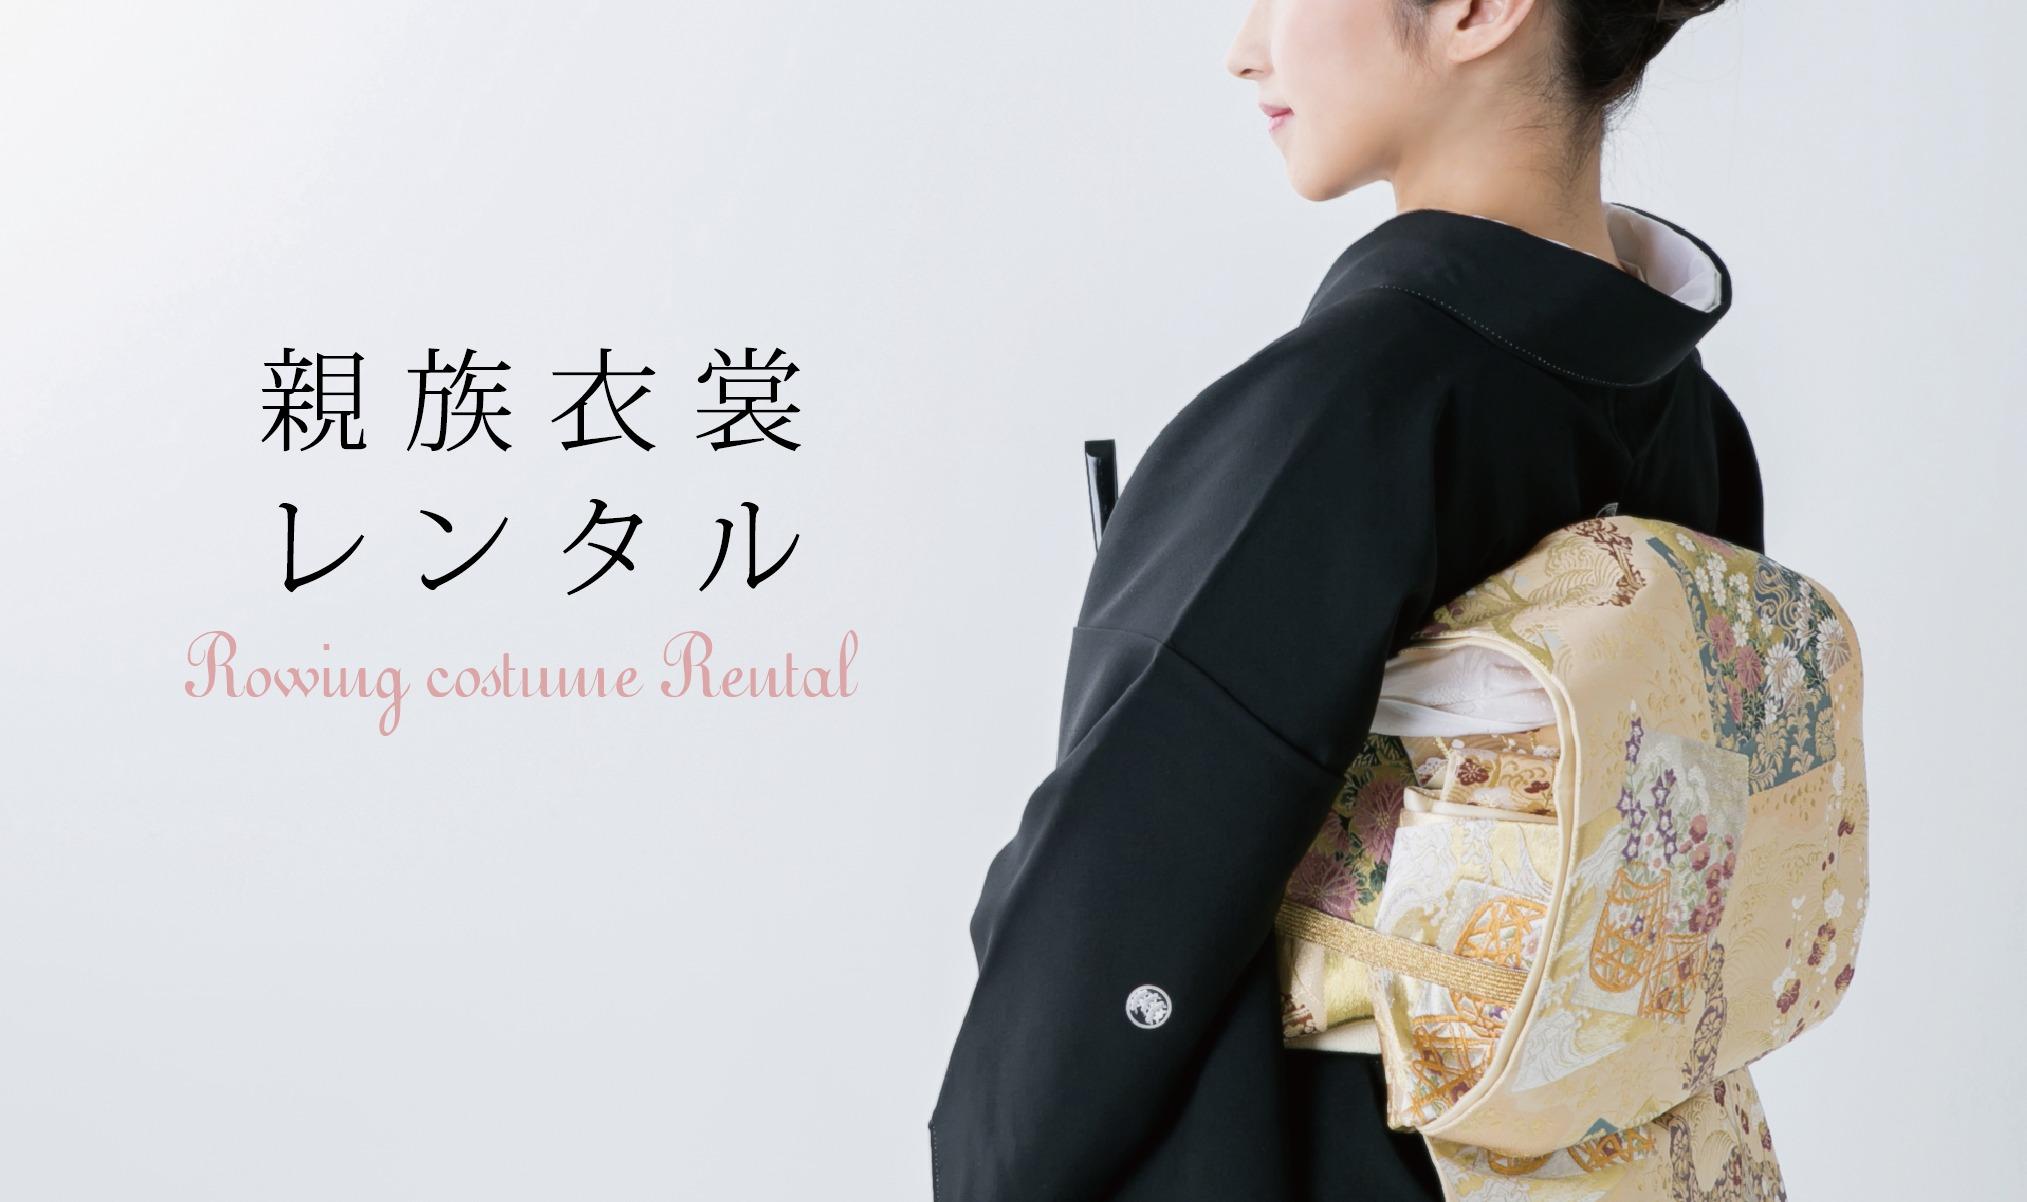 長崎の結婚式 親族衣裳レンタル 和装 神社挙式 挙式 人前式 ウェディングドレス